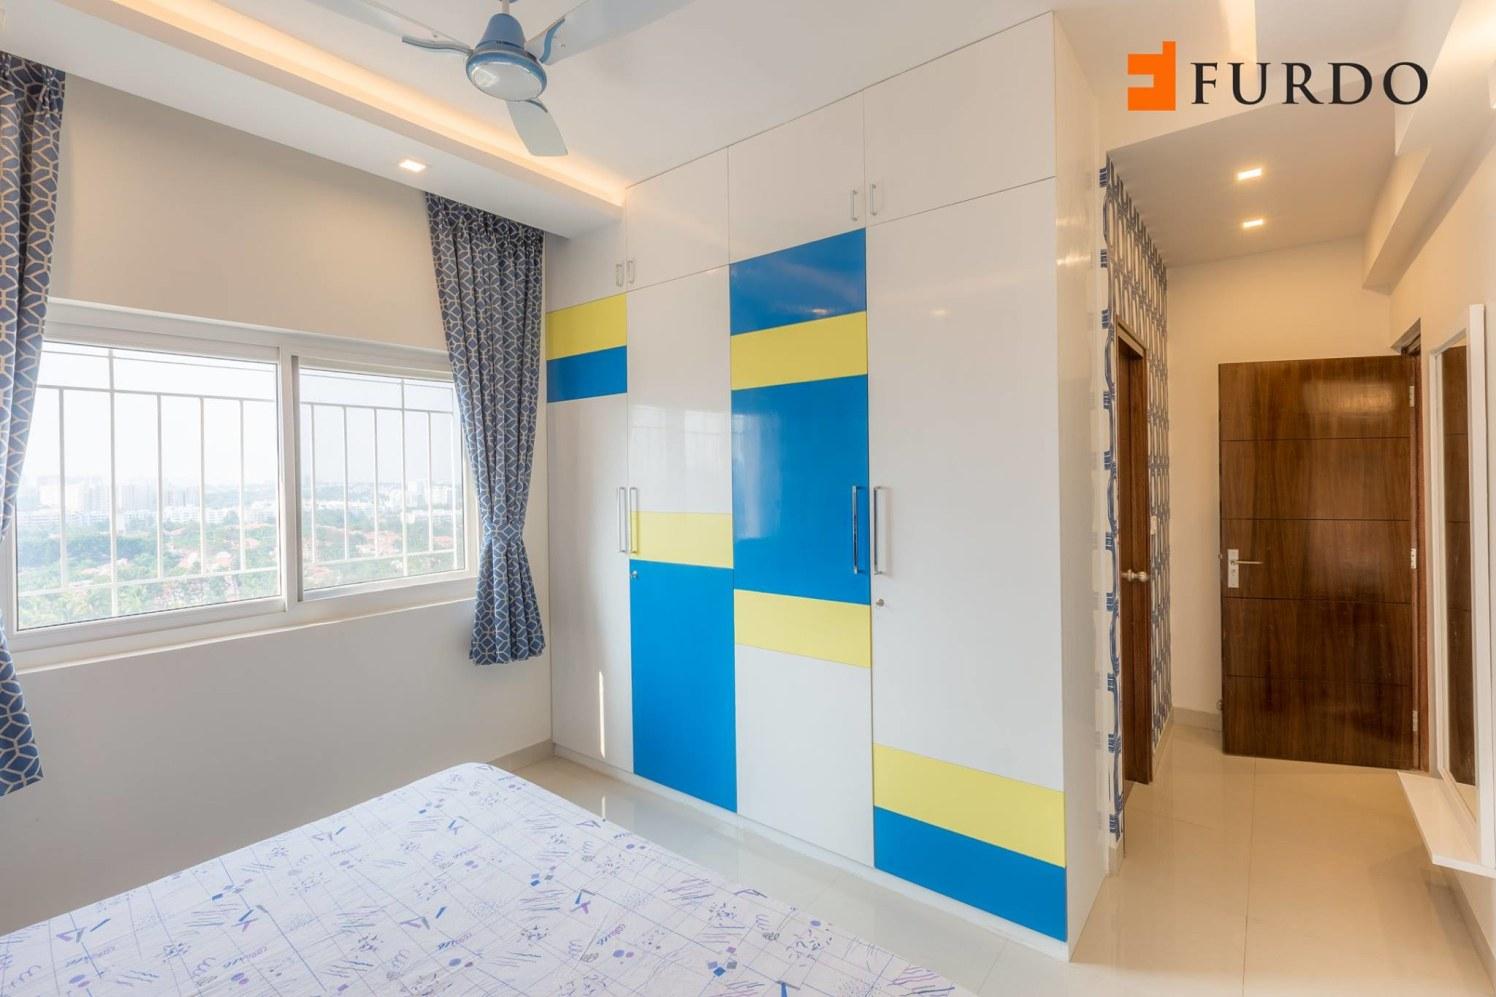 Kids Bedroom With Colorful Wardrobe by Furdo.com Bedroom Modern | Interior Design Photos & Ideas